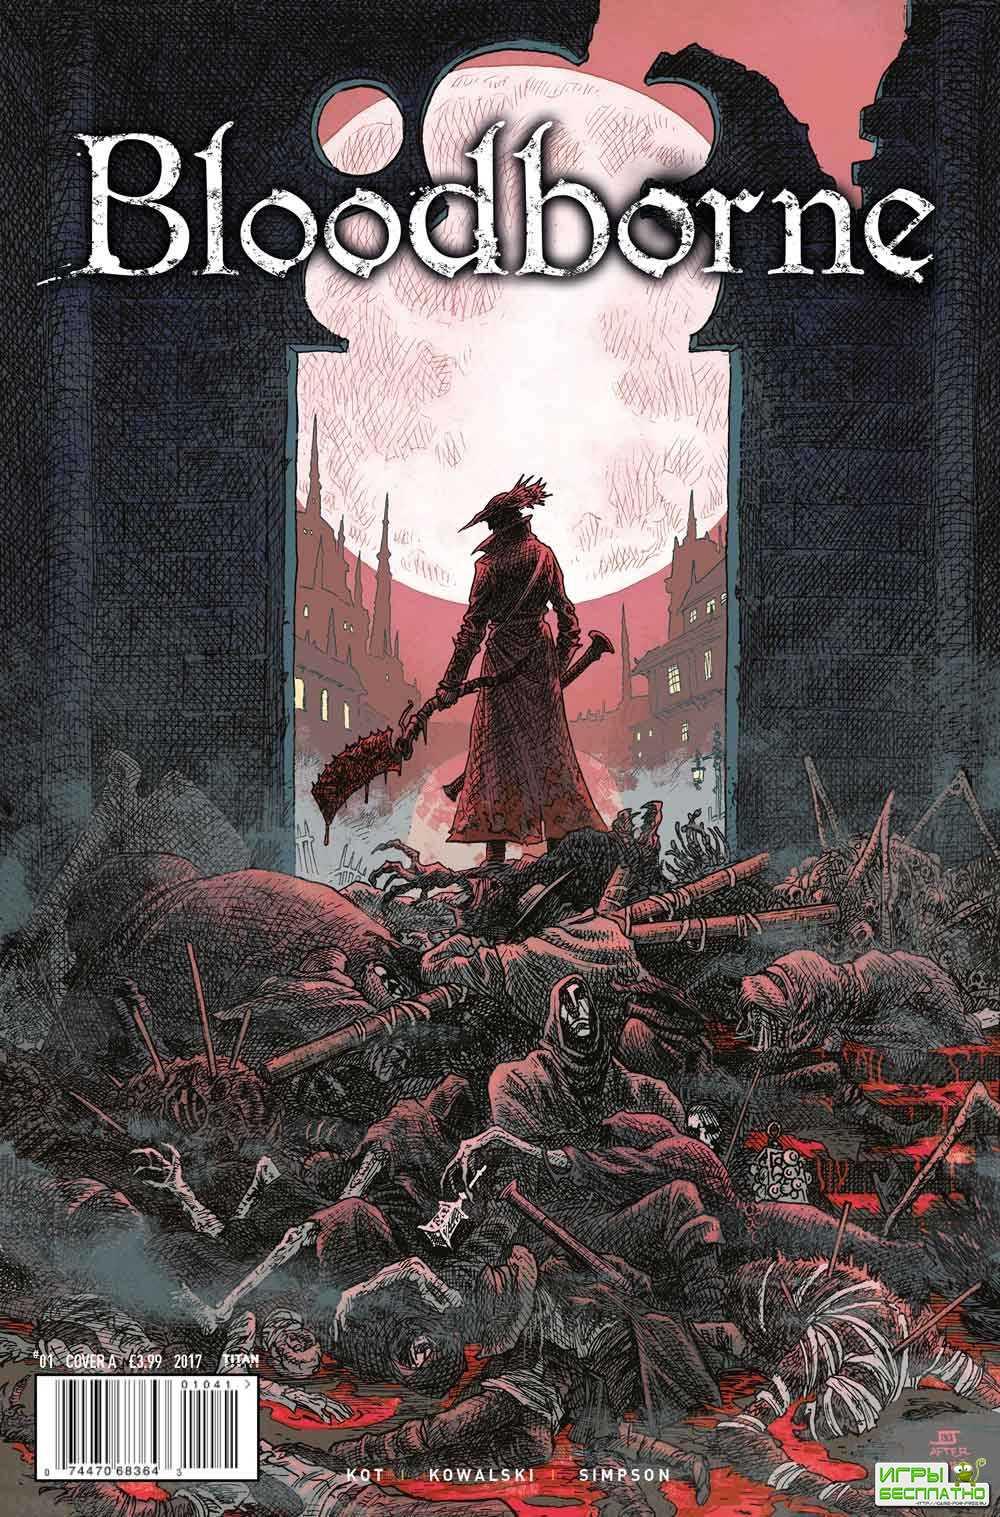 Первый выпуск комикса по Bloodborne смели с полок магазинов